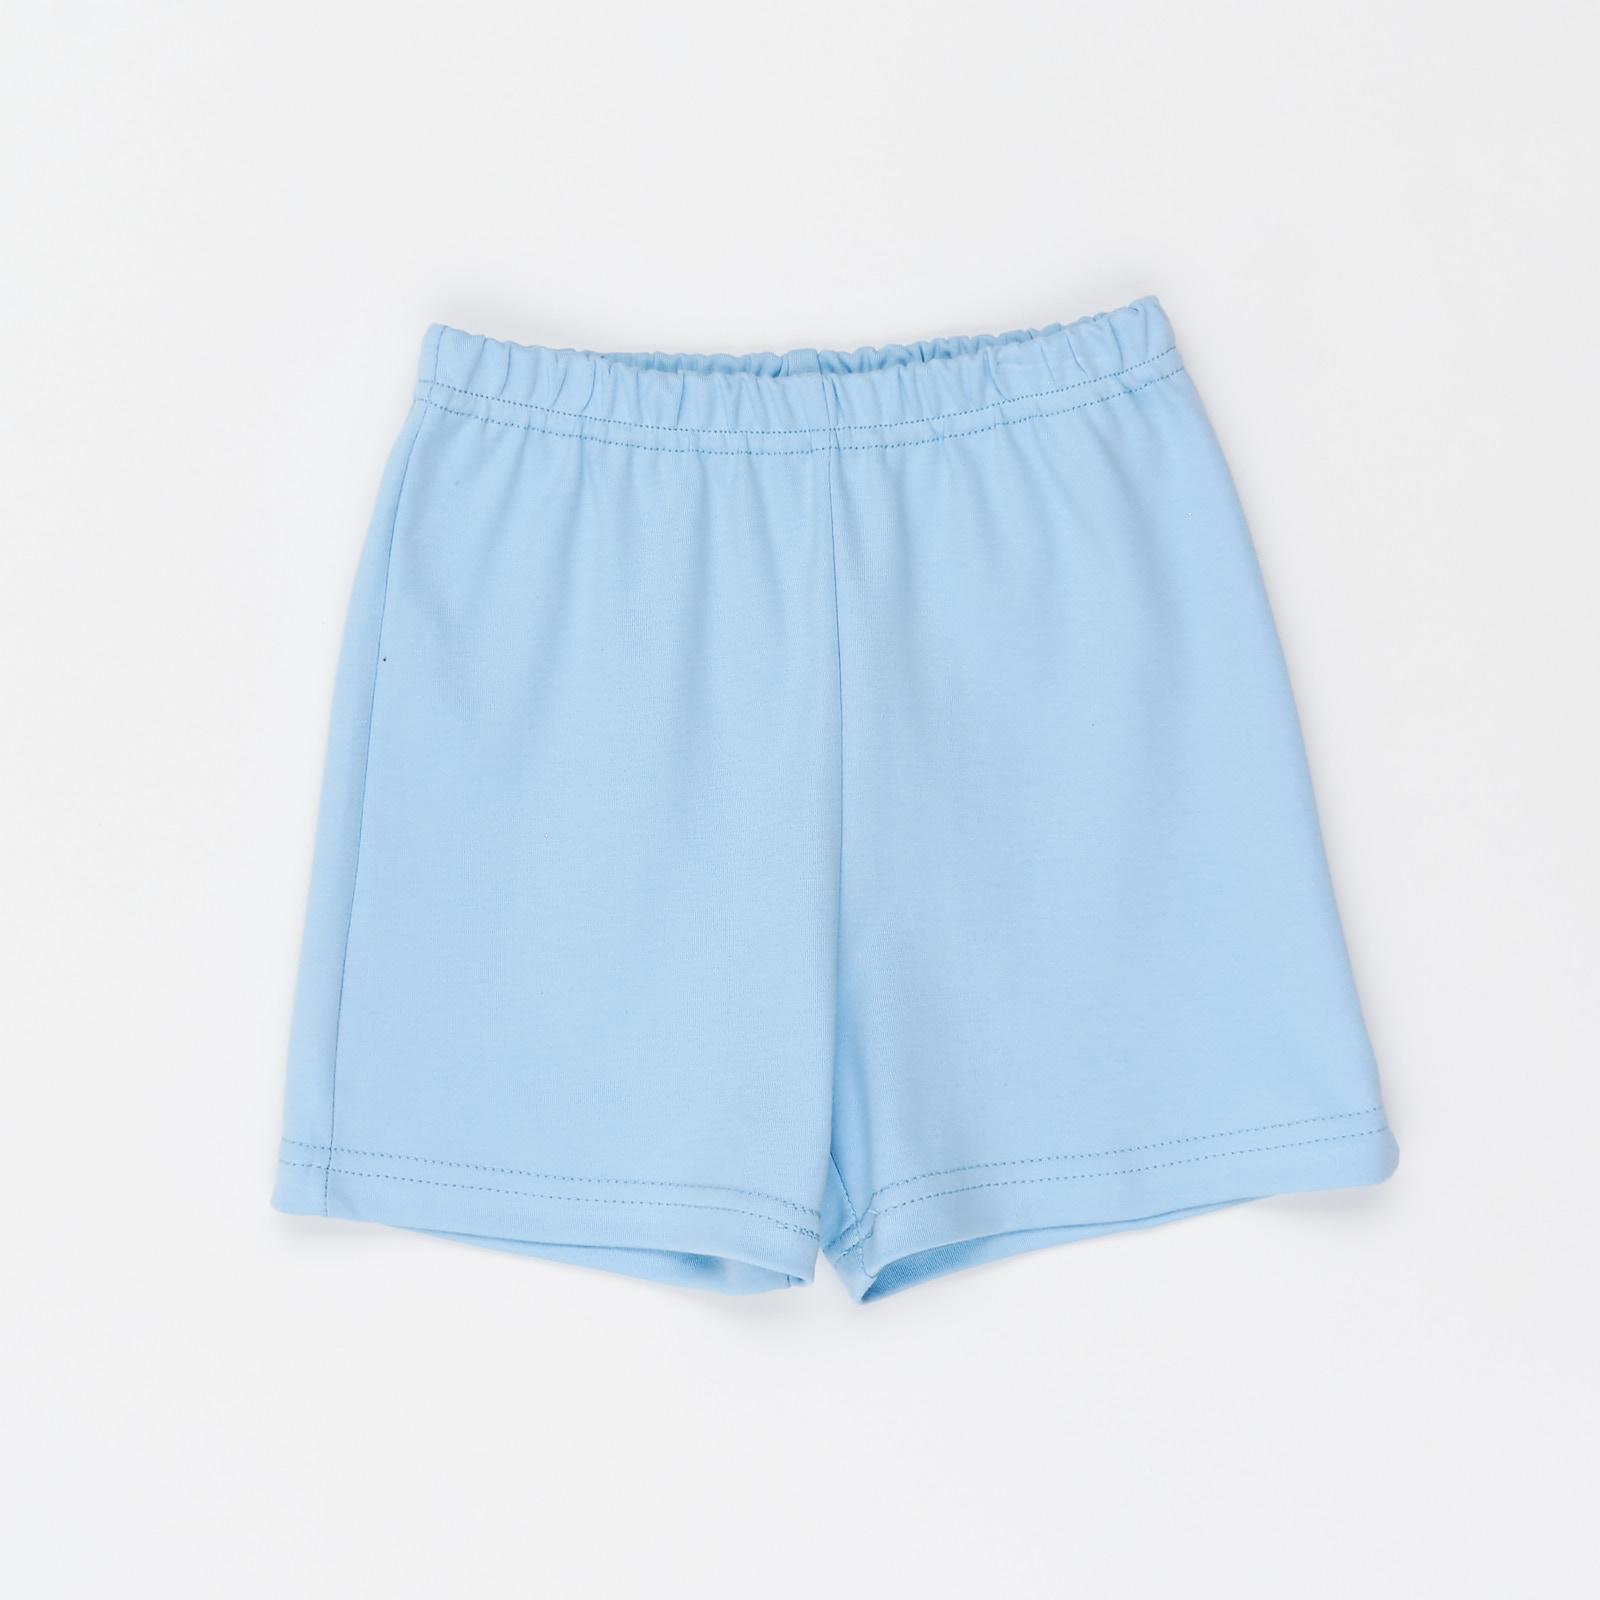 Пижама детские Garnamama модель 2EI~98773-14 приобрести, 2017